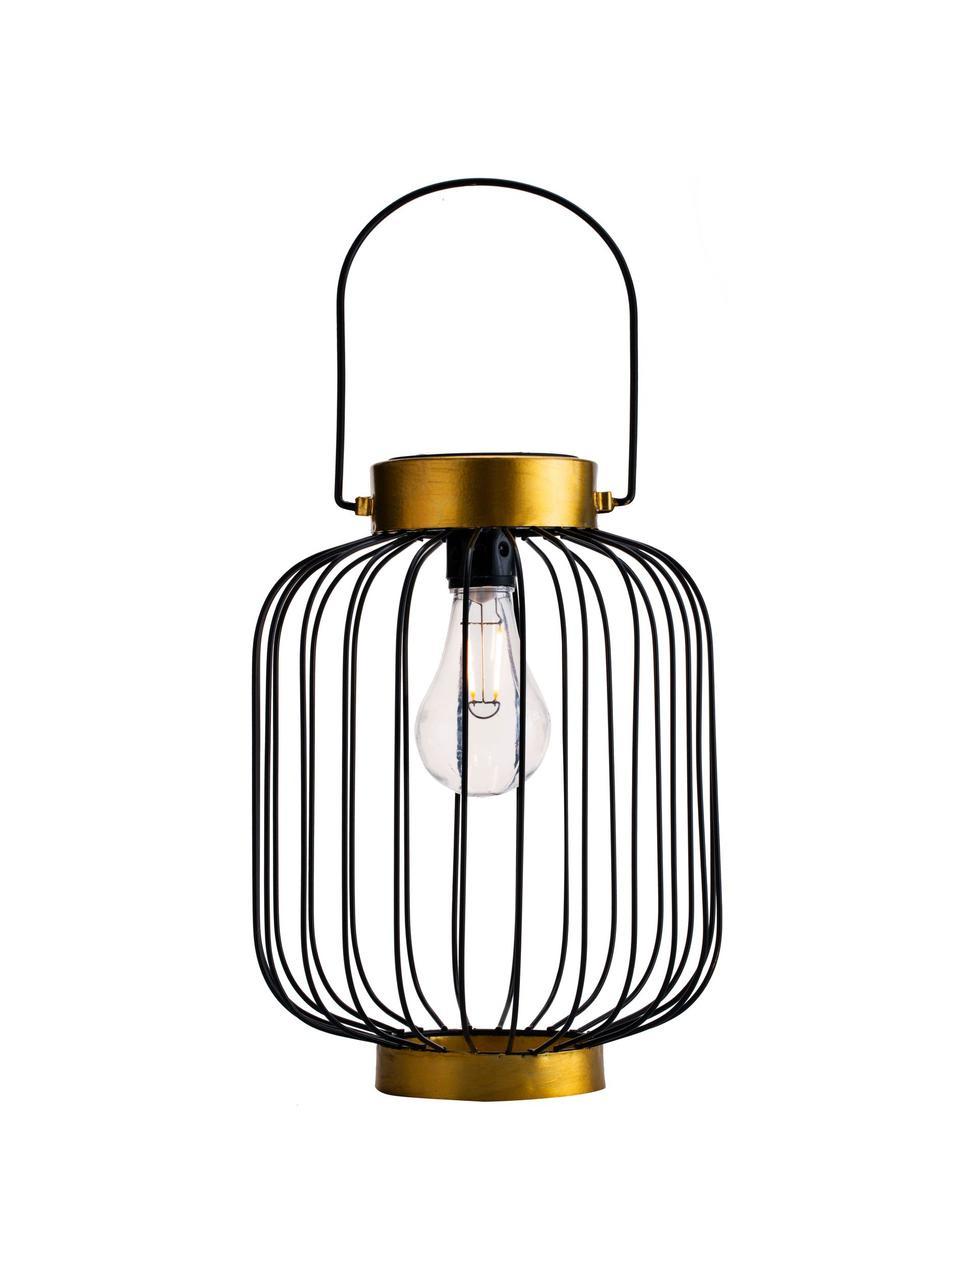 Solar Außenleuchte Wonder zum Hängen oder Stellen, Leuchte: Metall, Lampenschirm: Kunststoff, Schwarz, Goldfarben, Ø 19 x H 29 cm